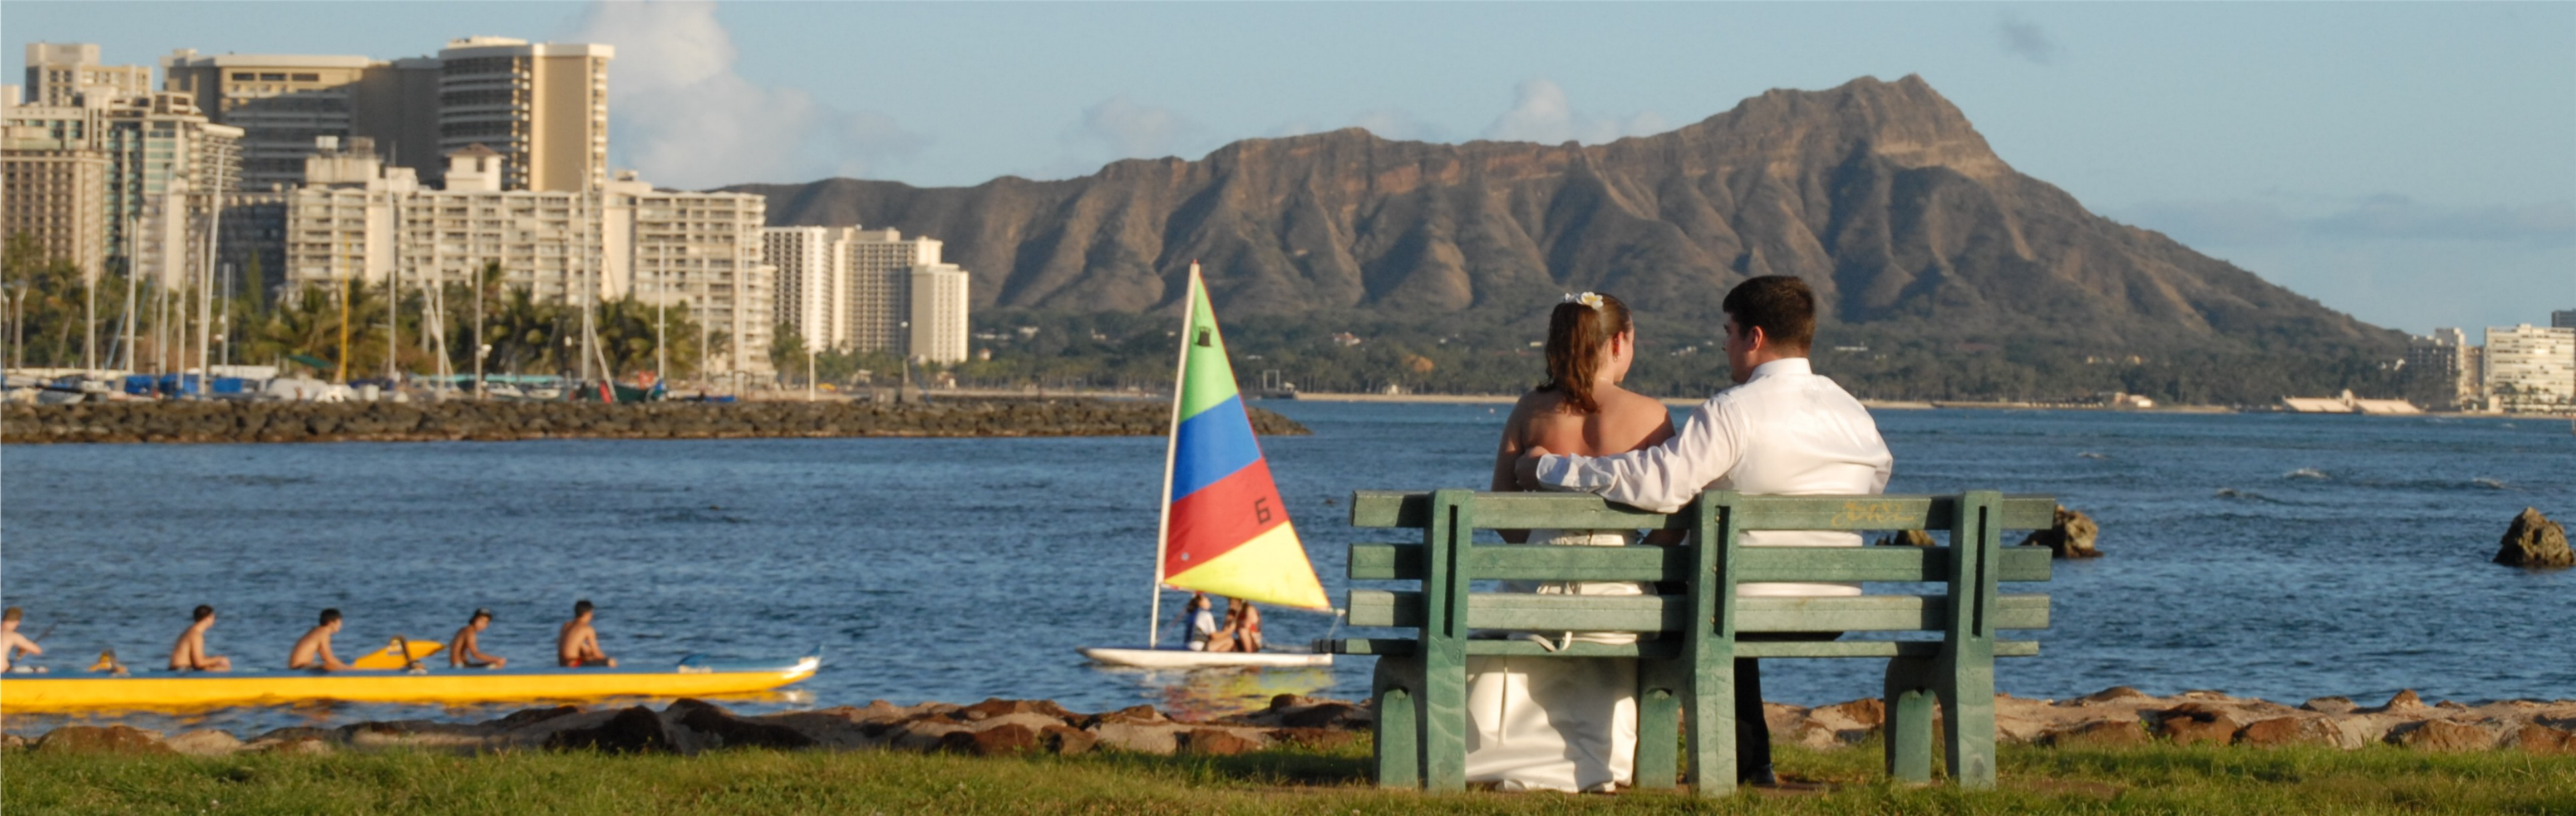 Hawaii Wedding, Magic Island